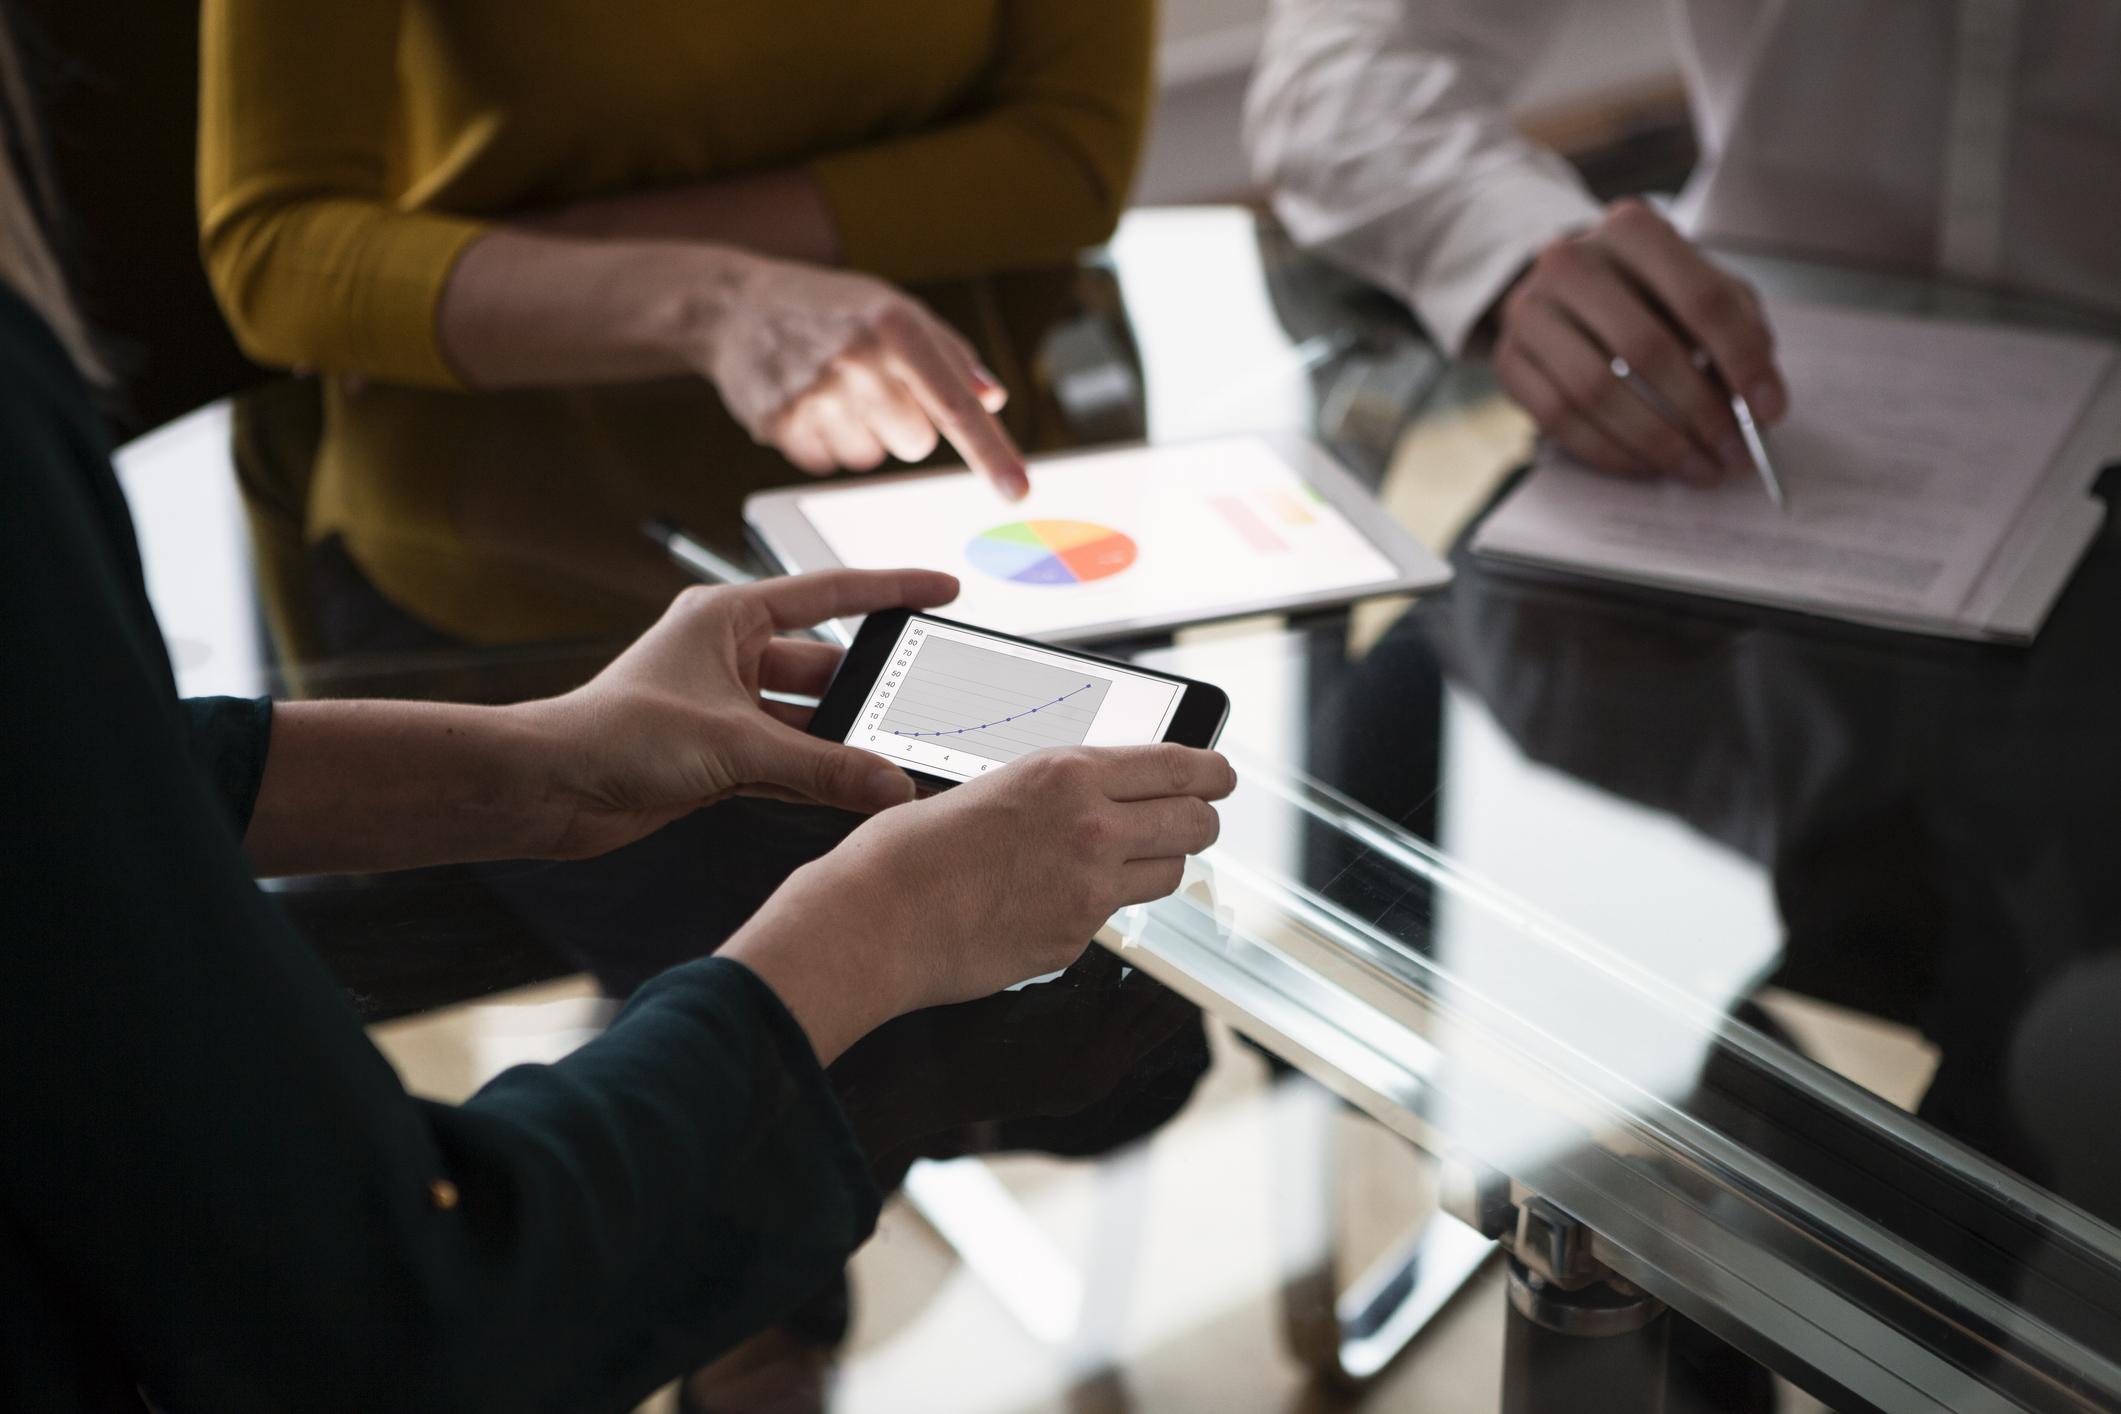 Ihmiset tekevät suunnitelmaa pöydän ääressä älypuhelimen, tabletin ja muistivihon avulla.